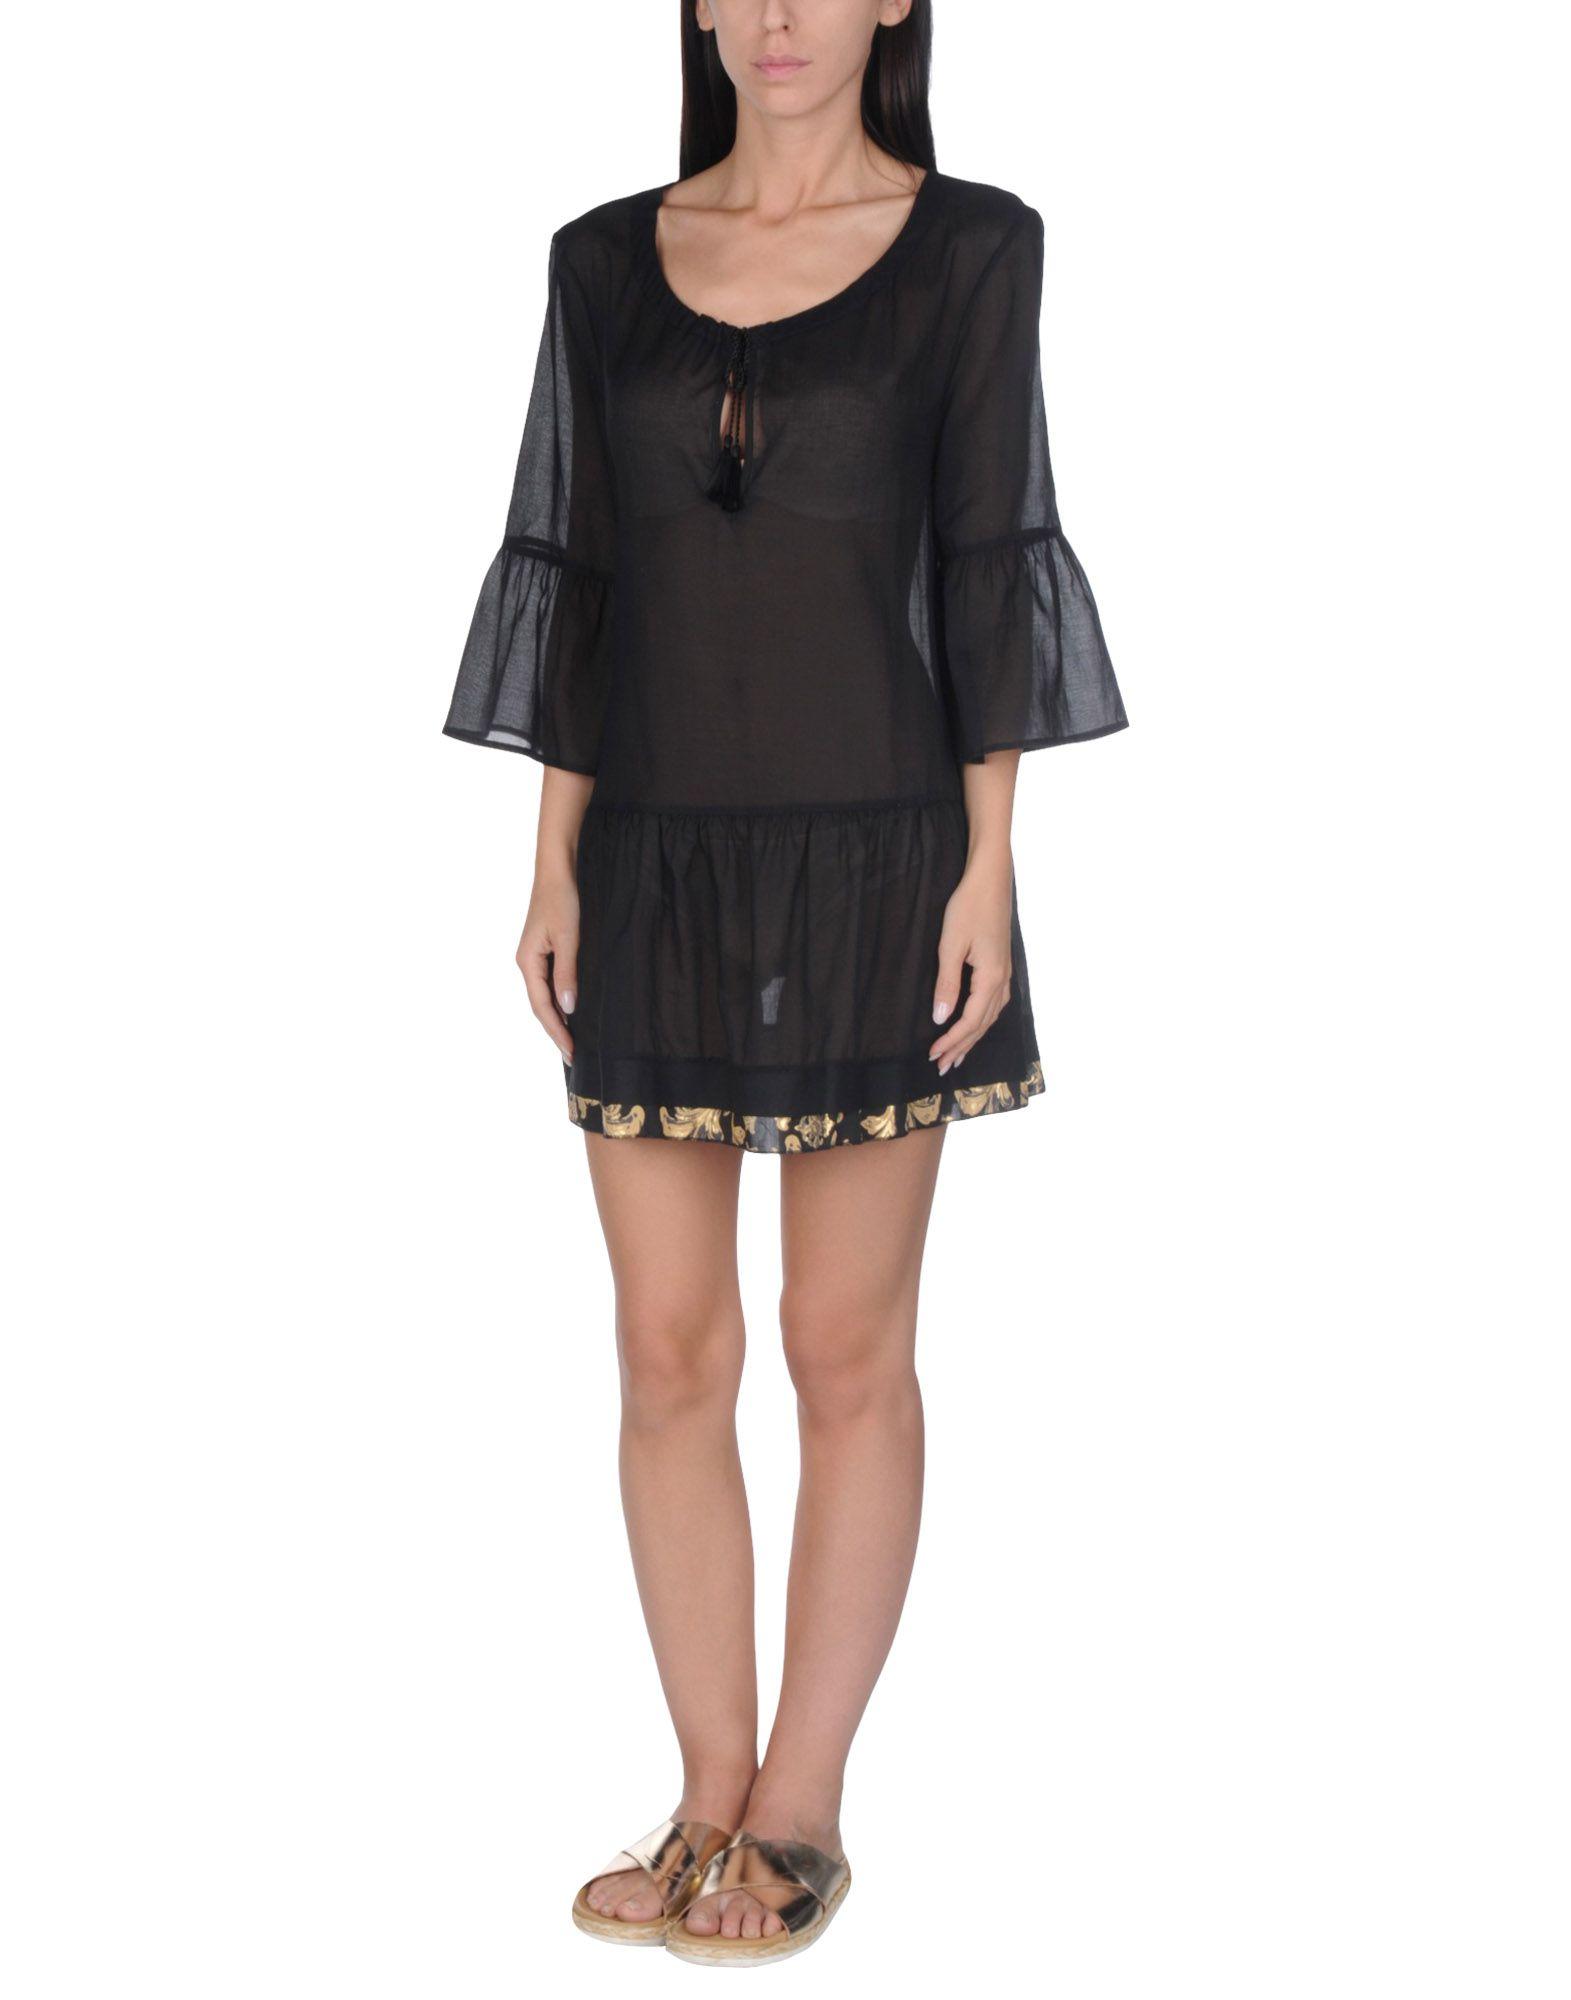 Copricostume Blugirl Blumarine Beachwear Donna - Acquista online su WKlBU